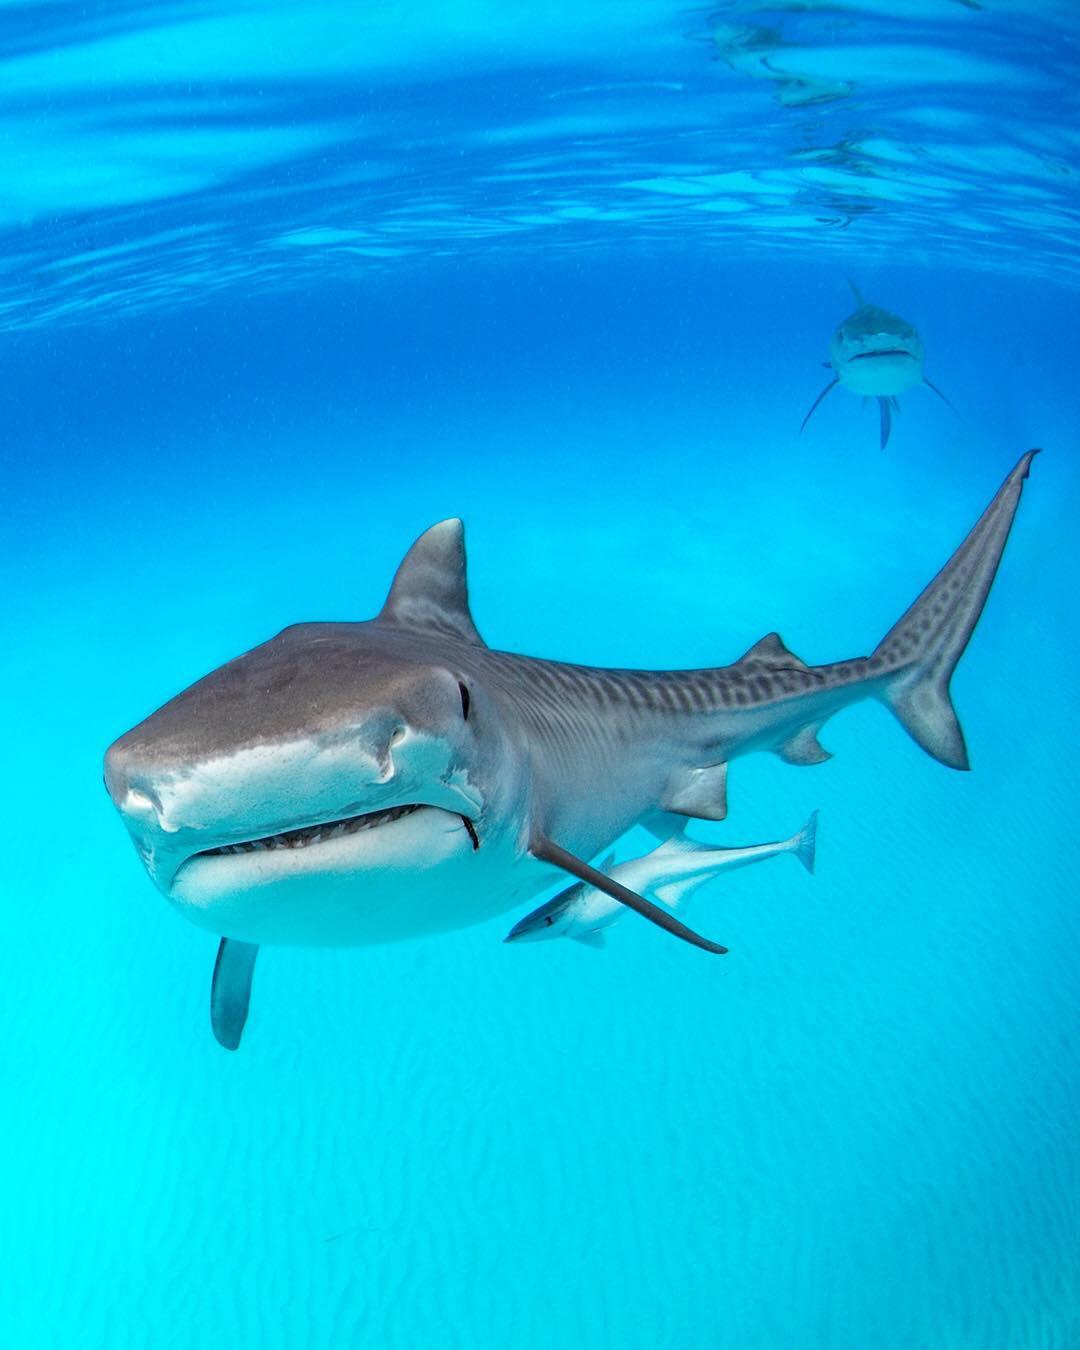 Удивительные подводные снимки от Алекса Доусона